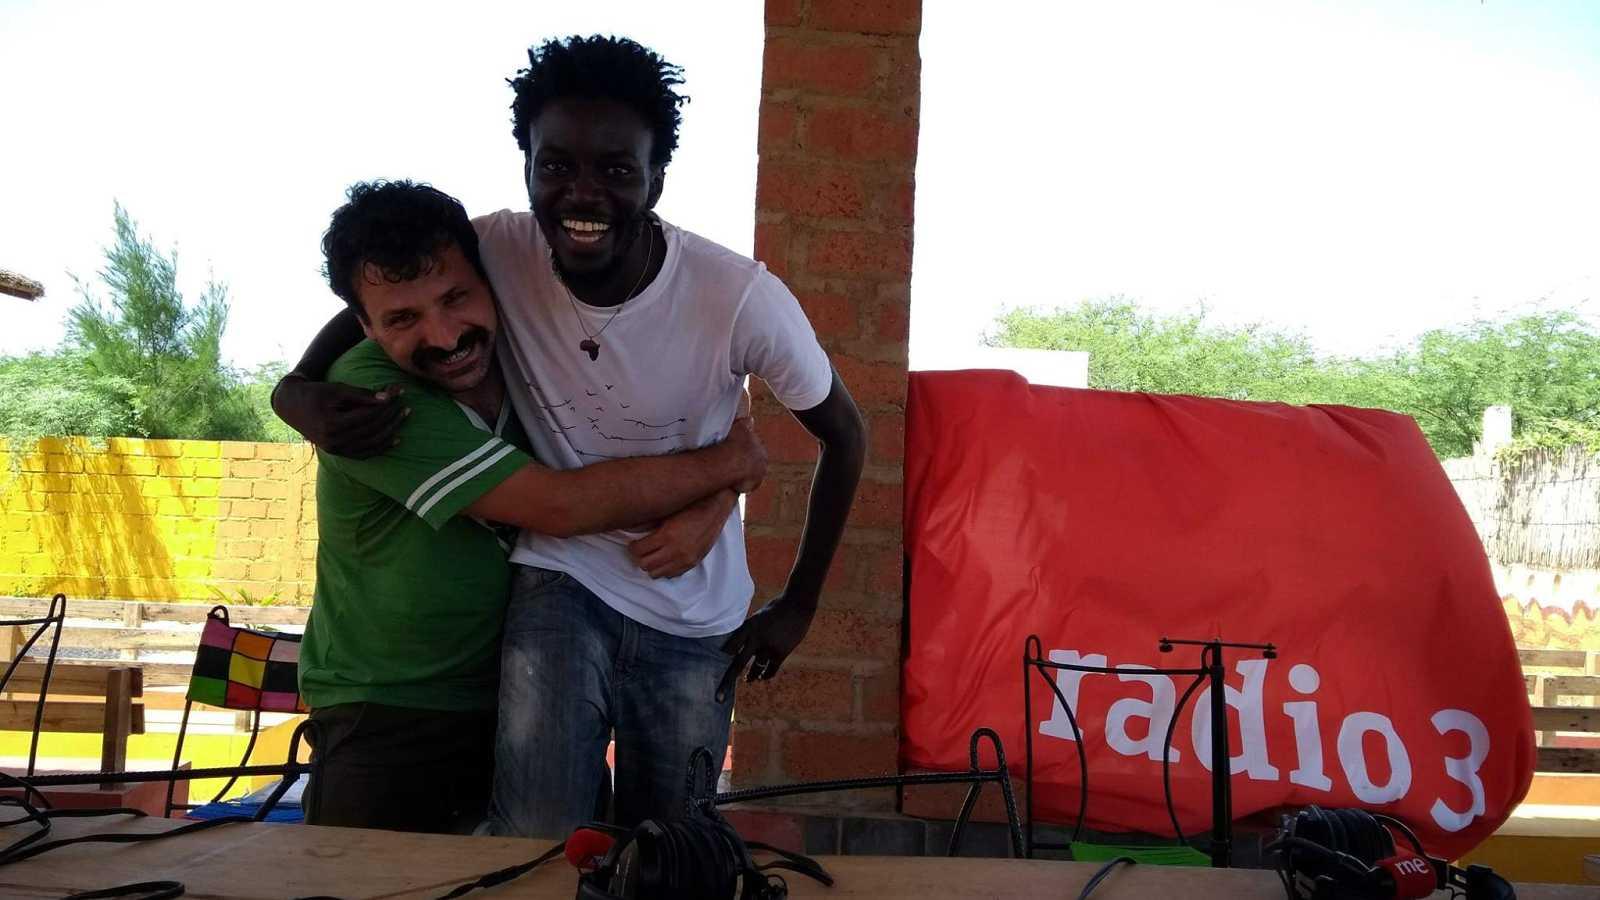 Hoy empieza todo con Ángel Carmona - Senegal 2: Niños Talibés, tolerancia religiosa, Futuro de África - 16/10/18 - escuchar ahora